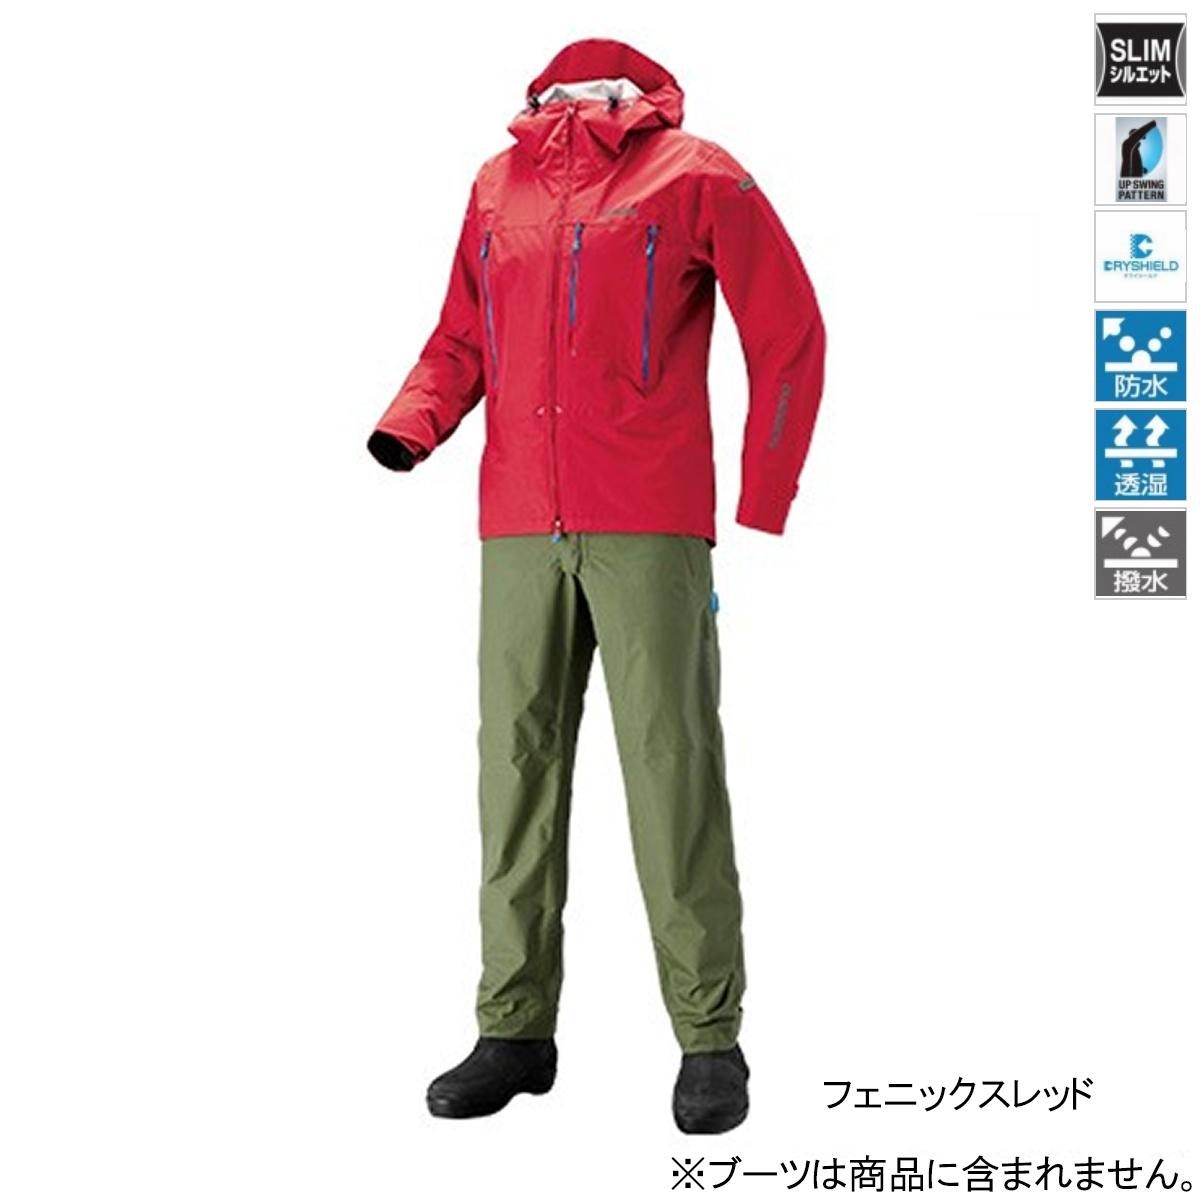 シマノ DSエクスプローラースーツ RA-024S XL フェニックスレッド(東日本店)